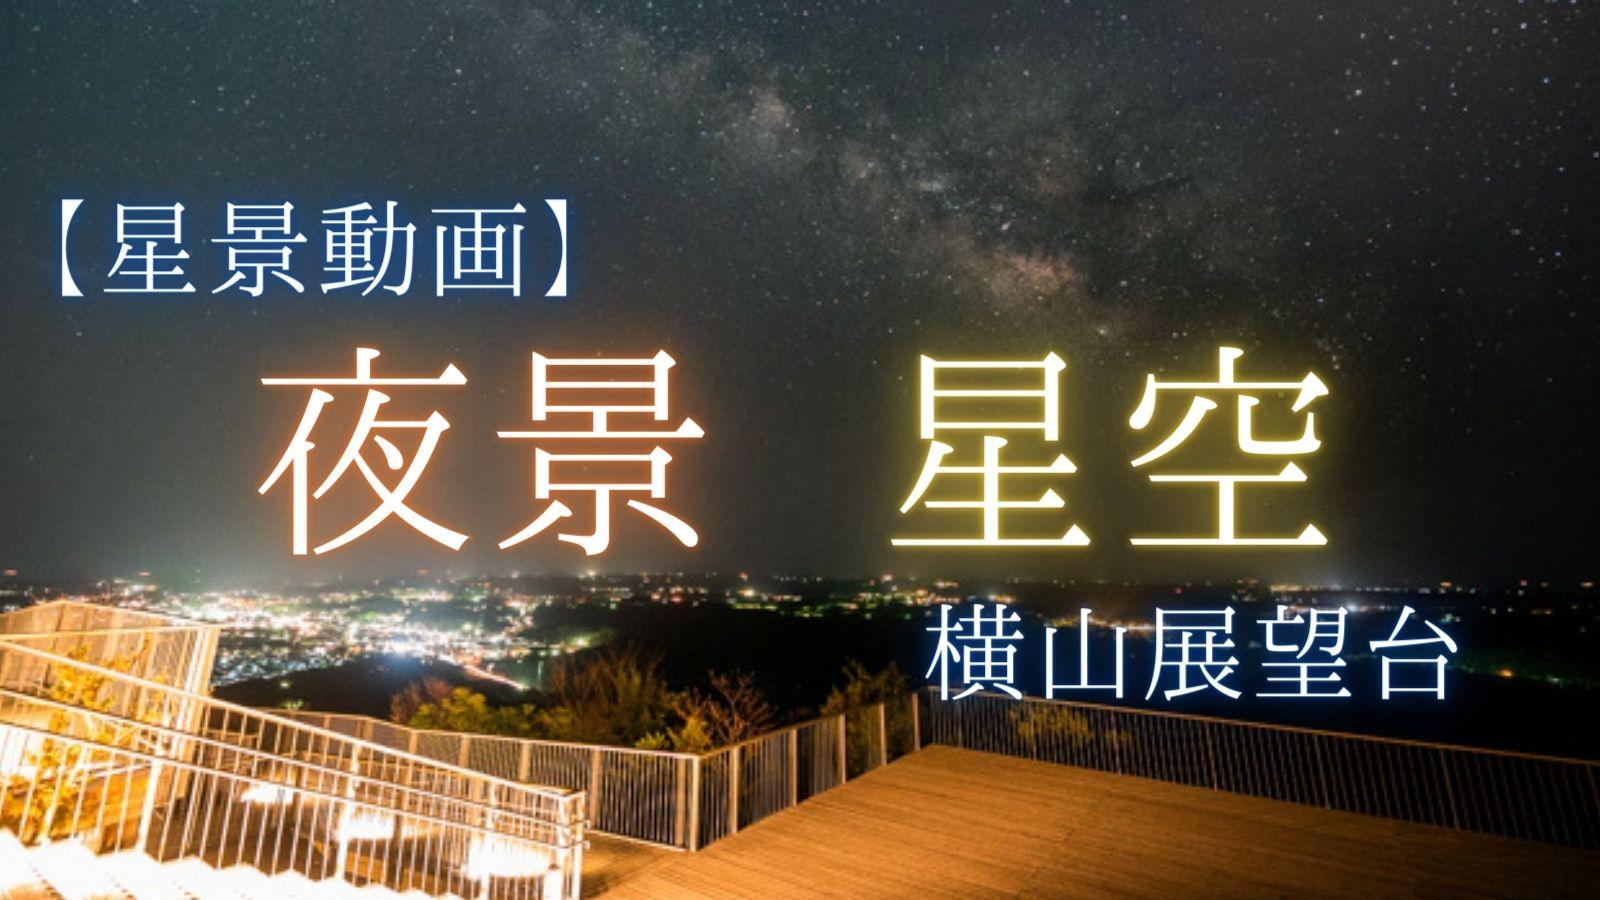 【動画】横山展望台の夜景と星空と天の川、朝焼けと日の出をSONY a7SⅢで動画撮影しました。